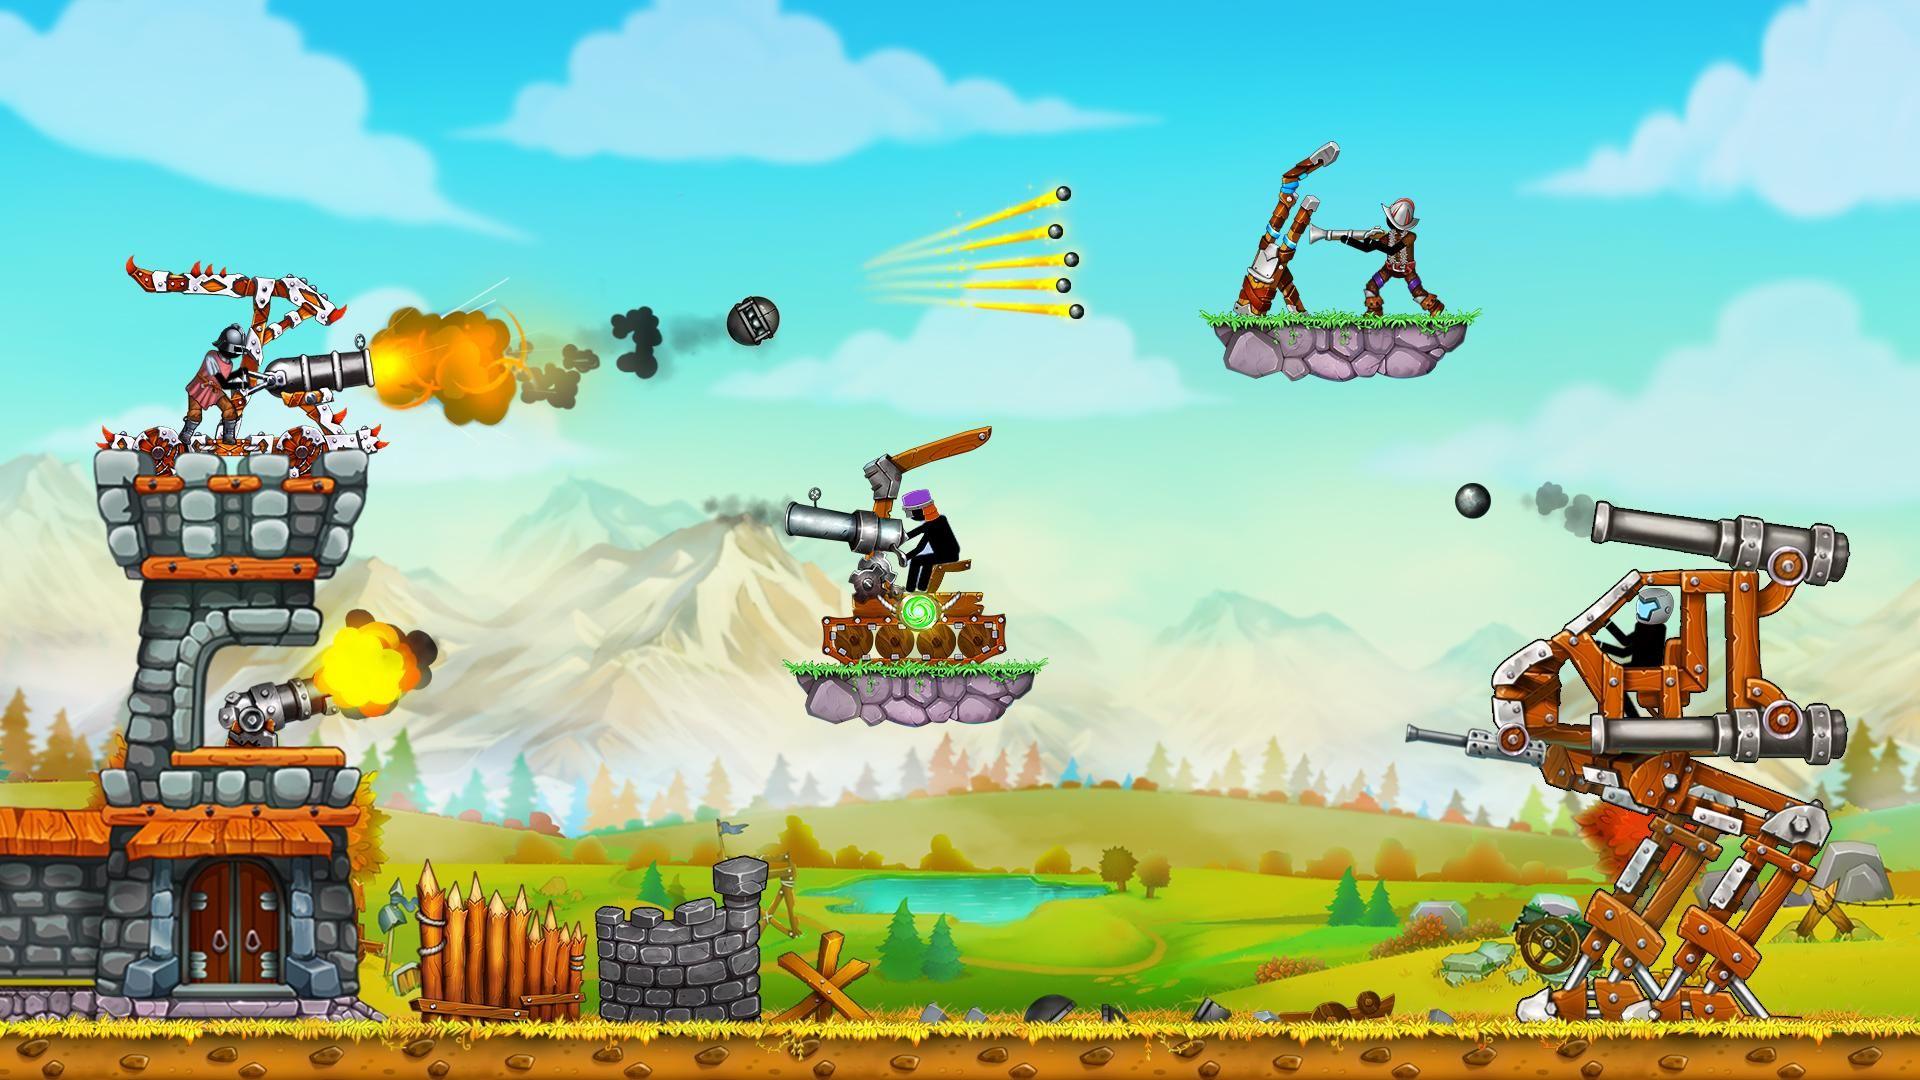 火柴人之守卫城堡2 (The Catapult 2) 游戏截图3